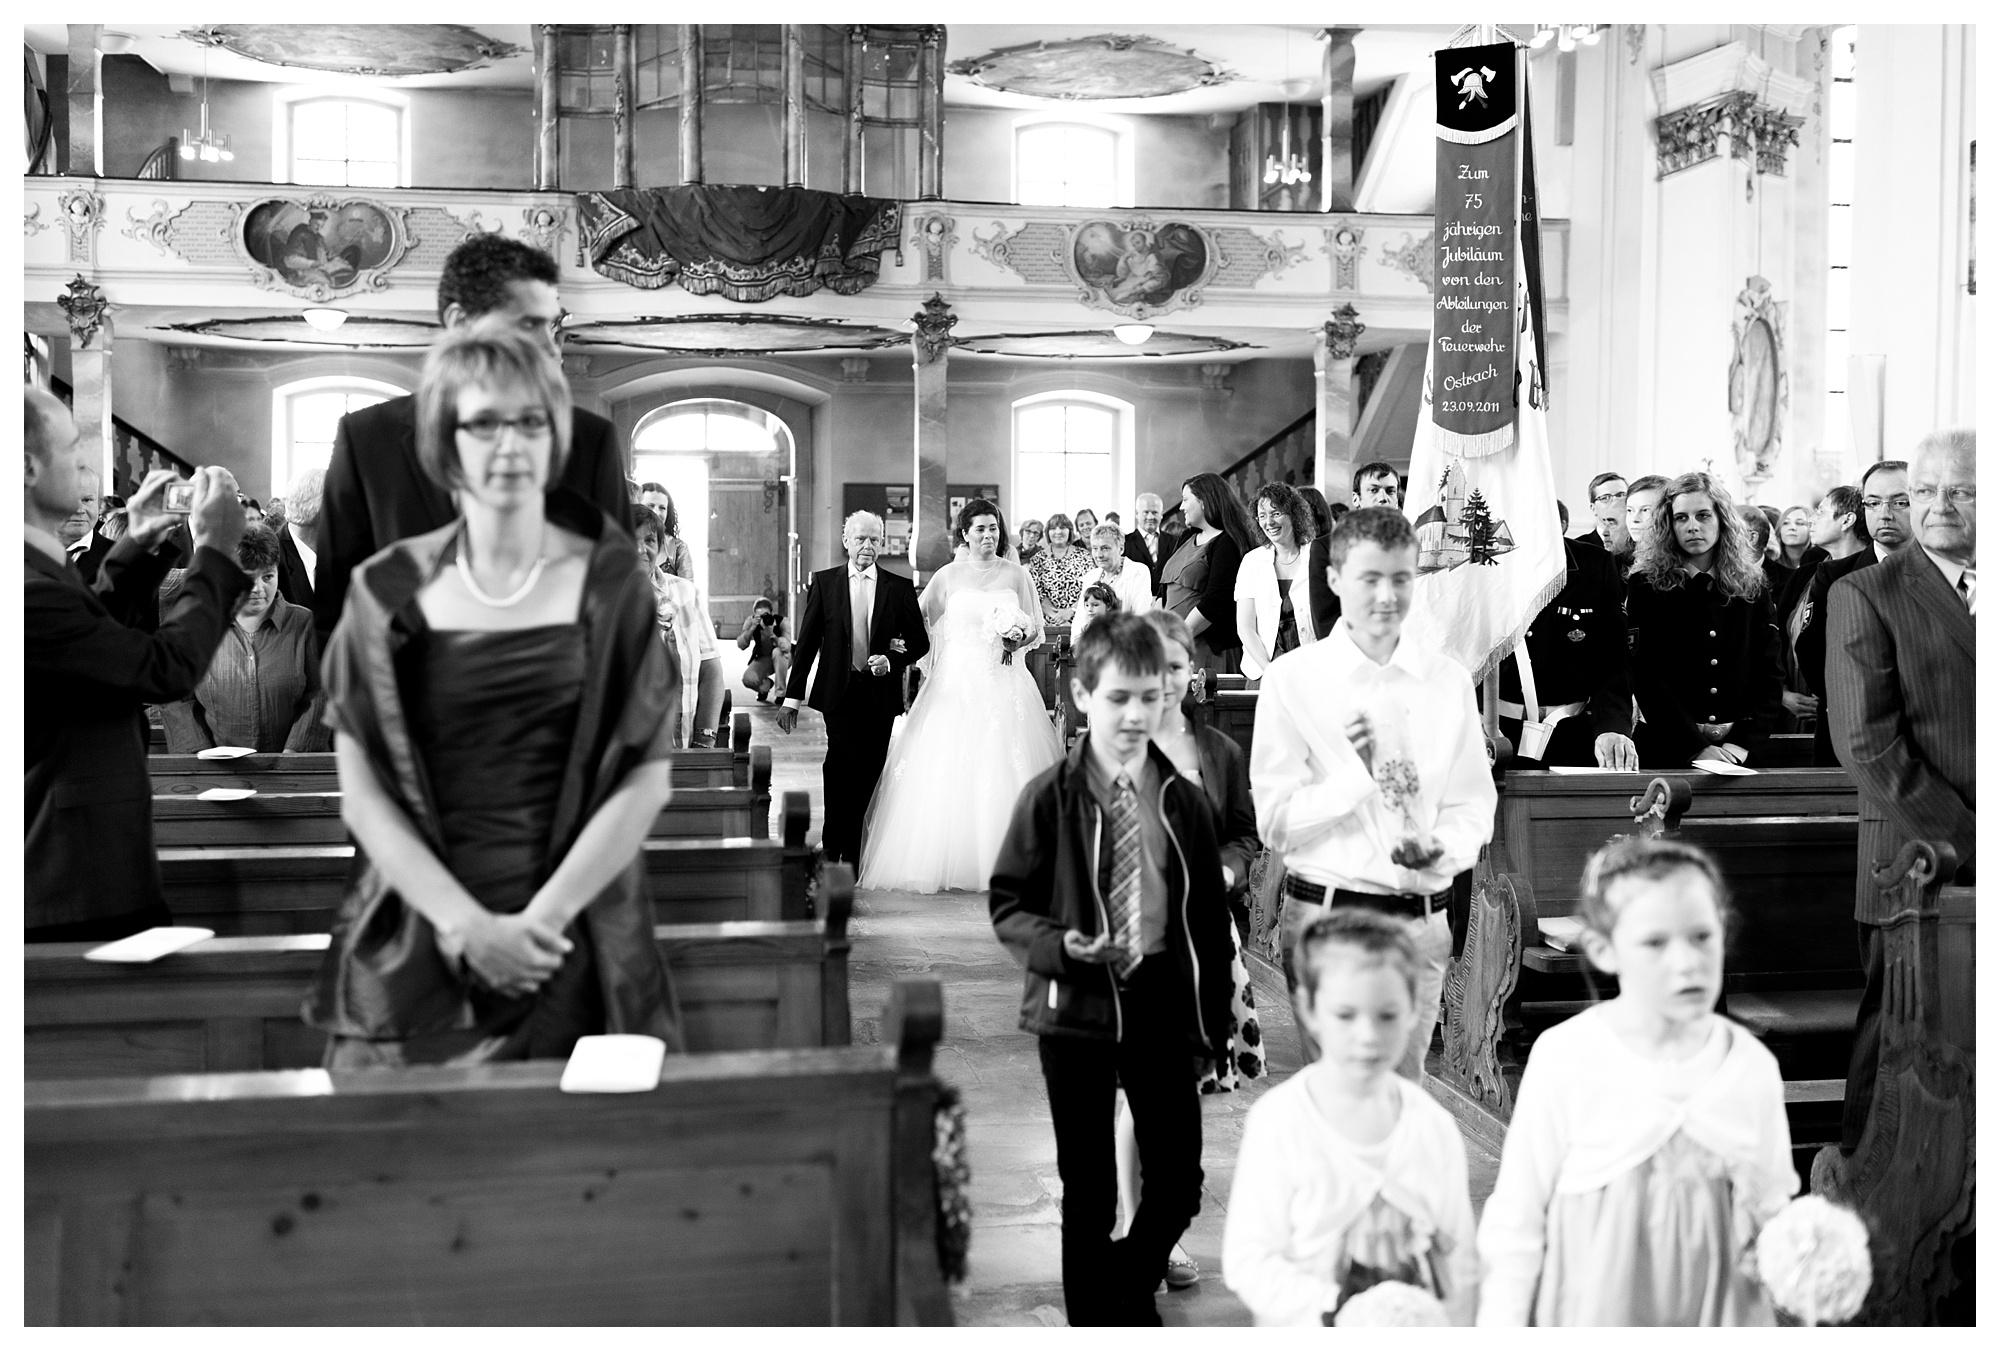 Fotograf Konstanz - Hochzeit Tanja Elmar Elmar Feuerbacher Photography Konstanz Messkirch Highlights 022 - Hochzeitsreportage von Tanja und Elmar im Schloss Meßkirch  - 126 -